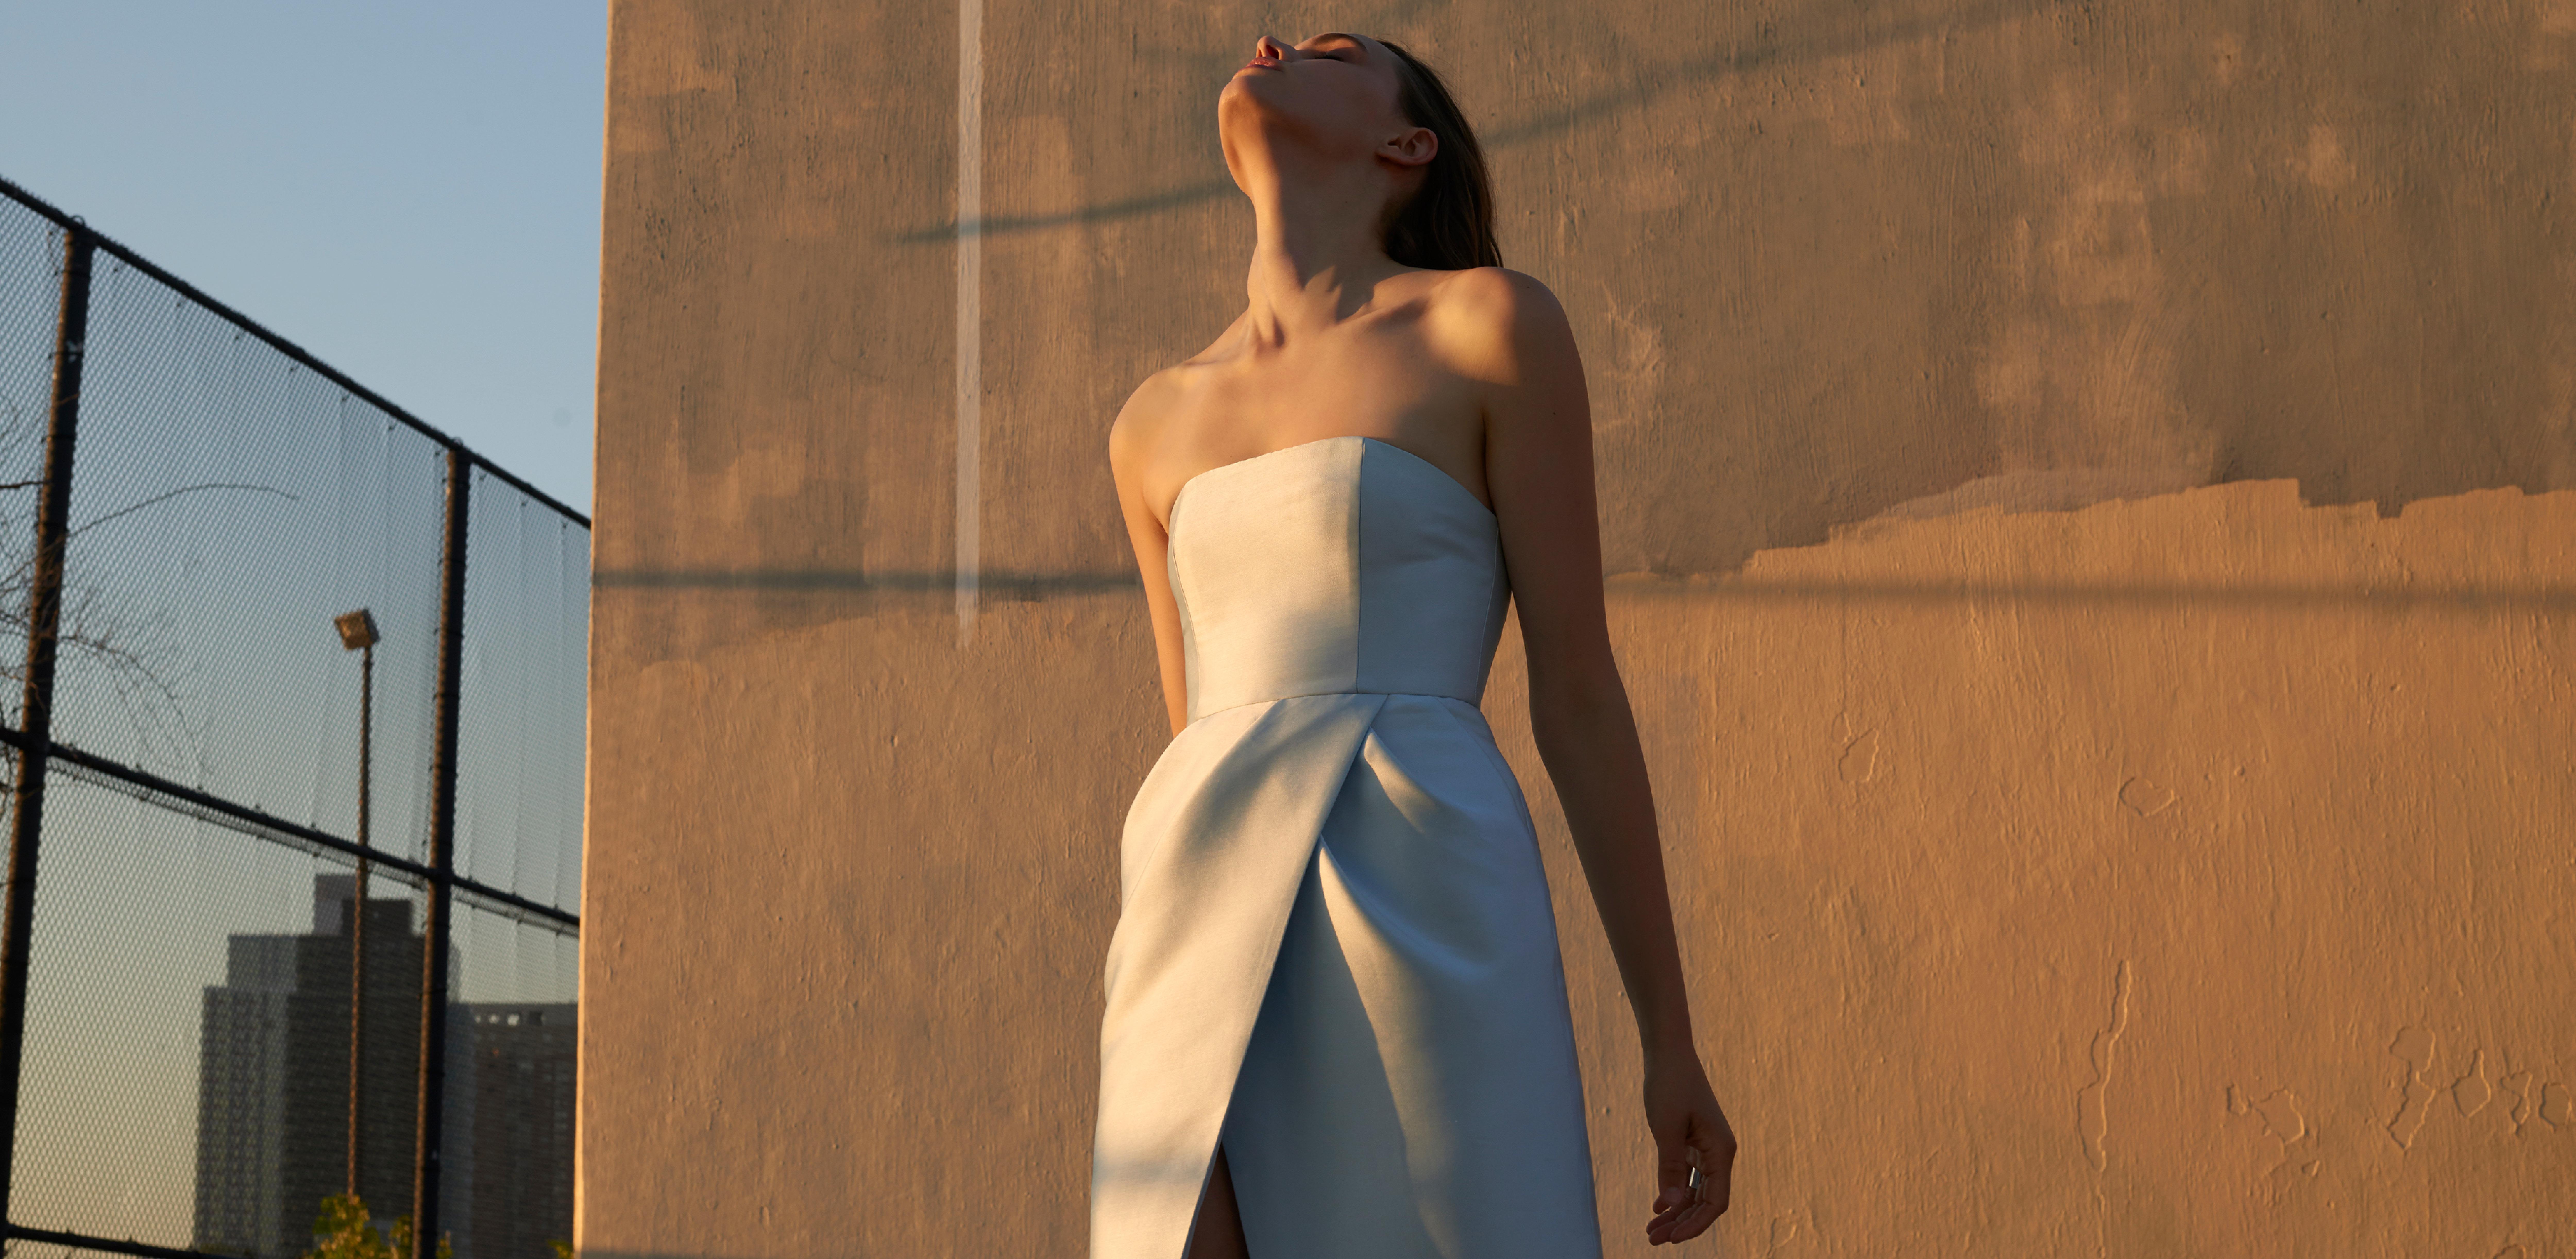 Model cast by DTE Studio wearing a silver dress.